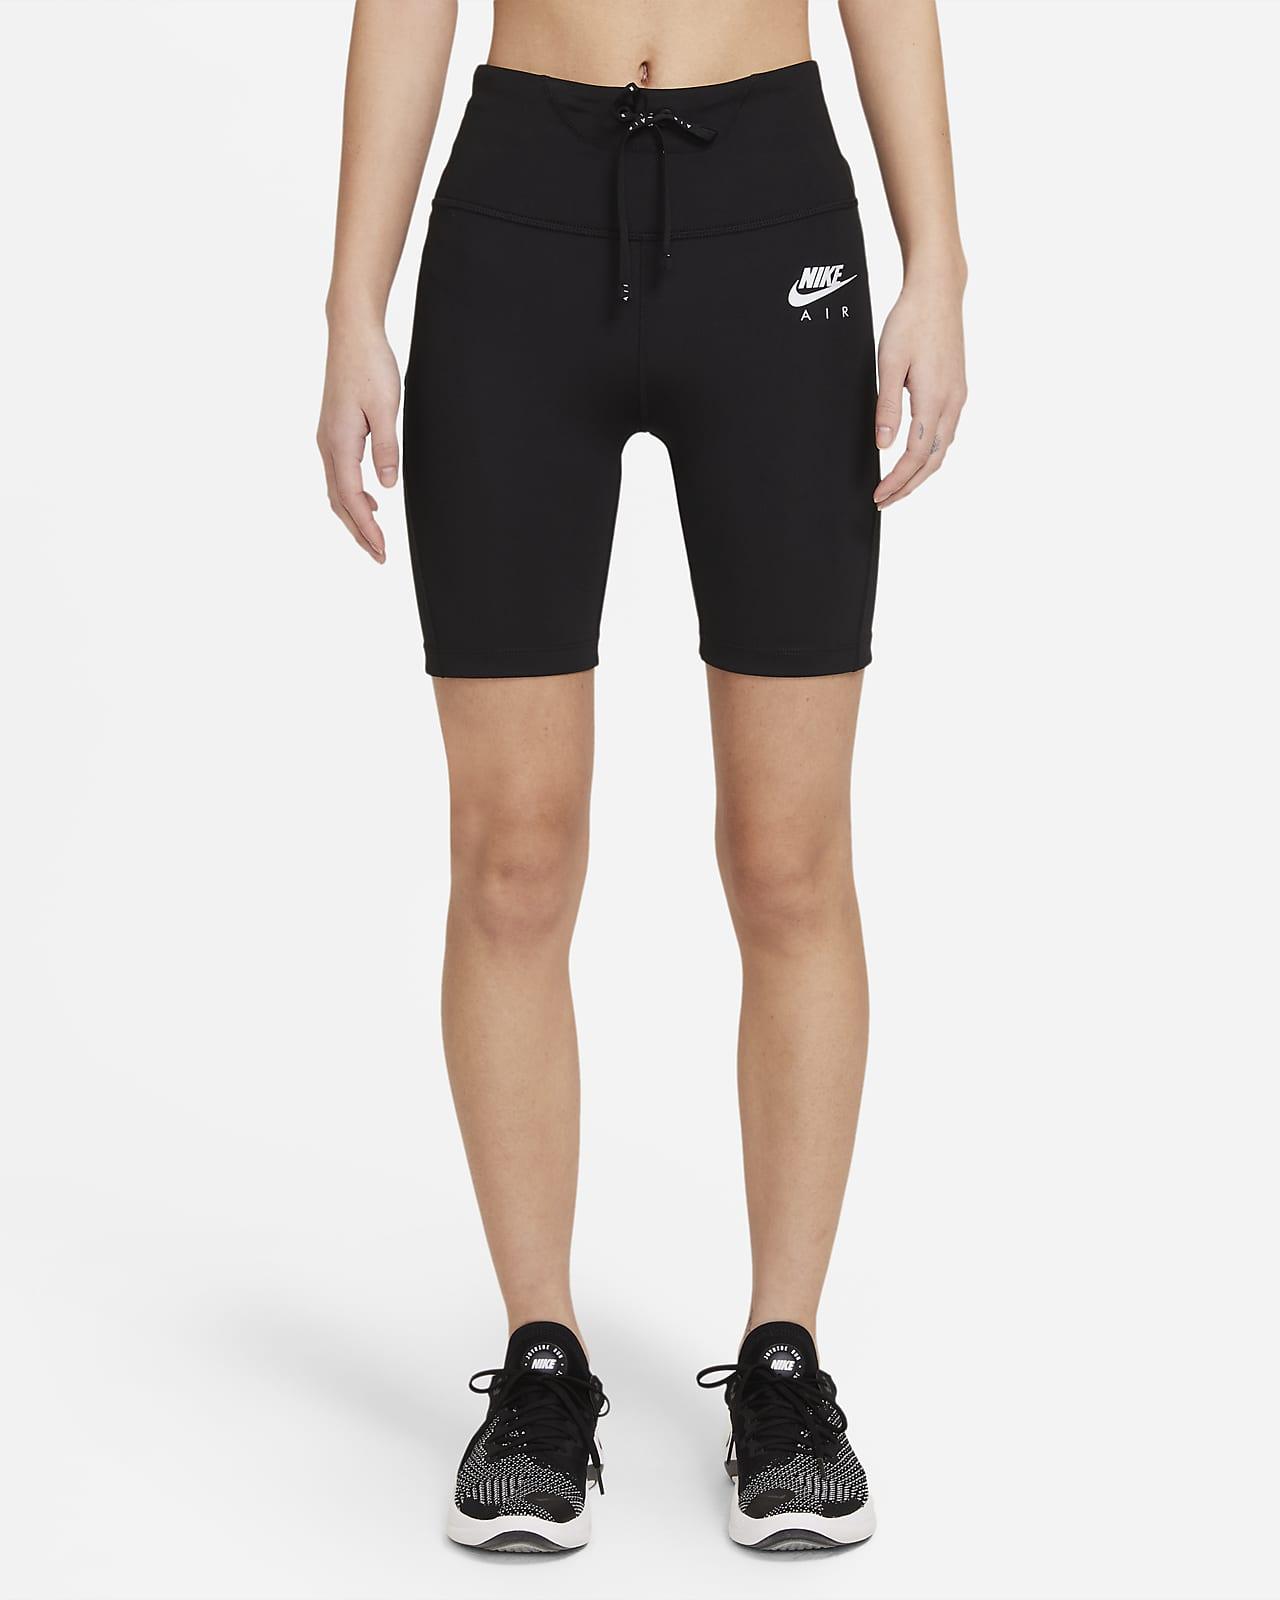 กางเกงวิ่งรัดรูปขาสั้นผู้หญิง Nike Air